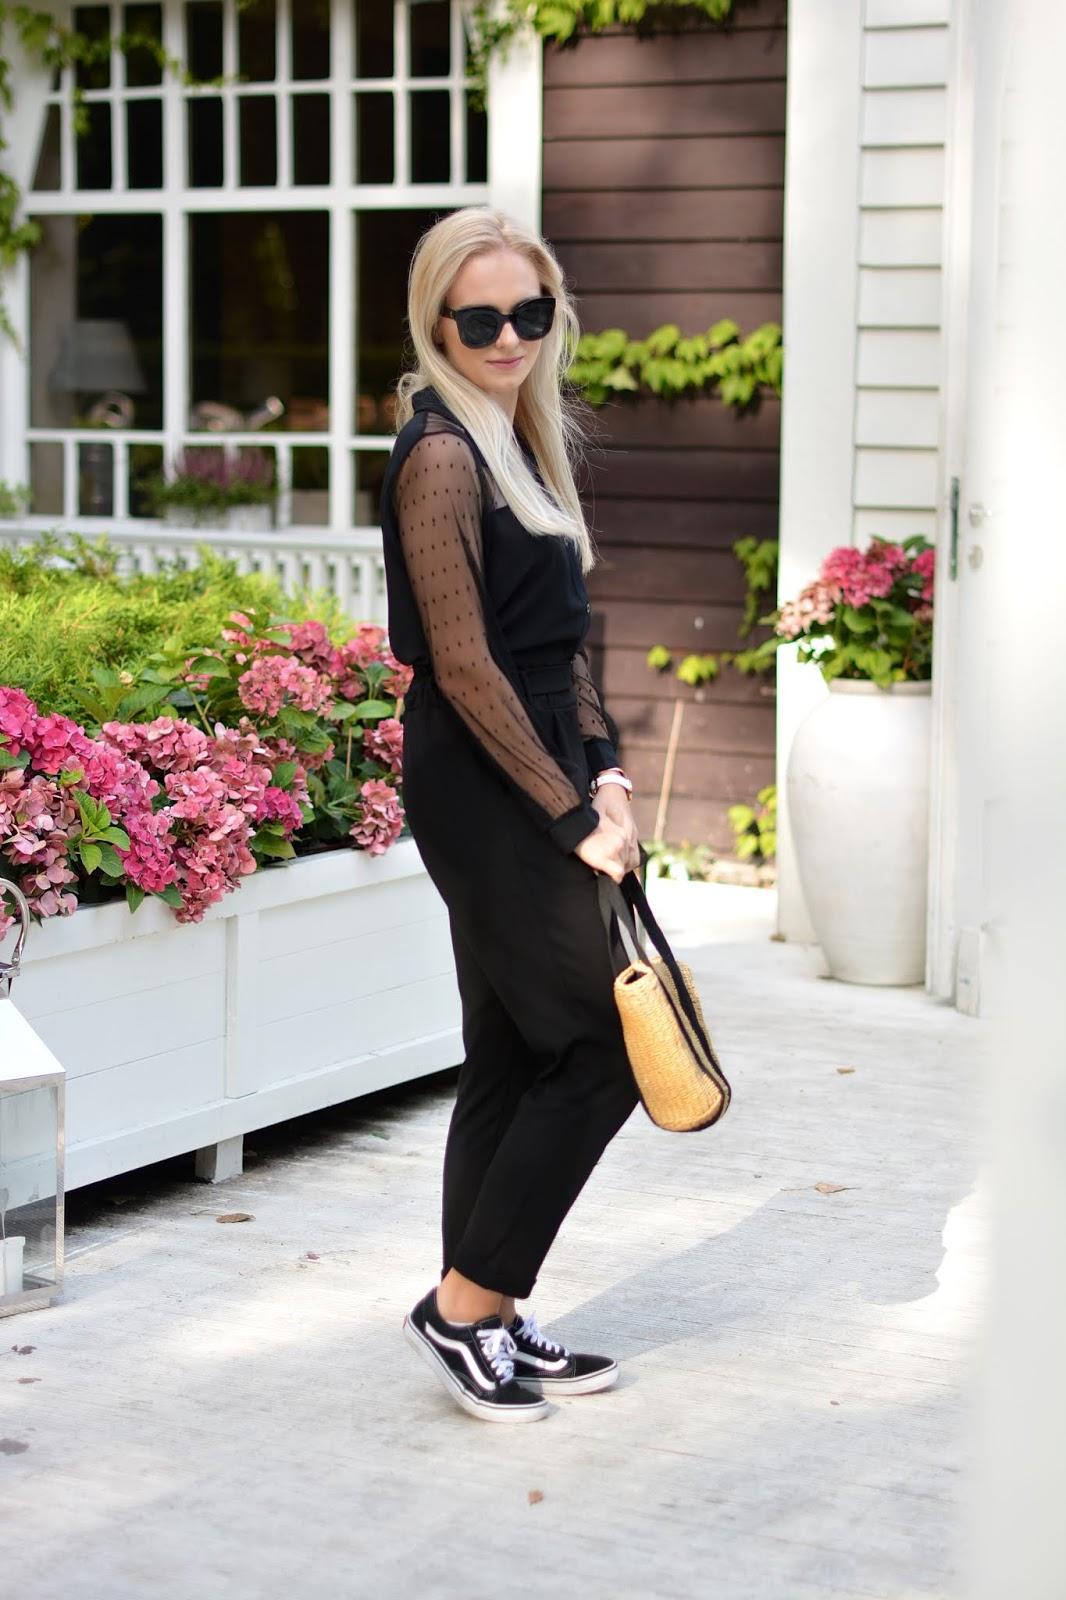 czarna minimalistyczna stylizacja